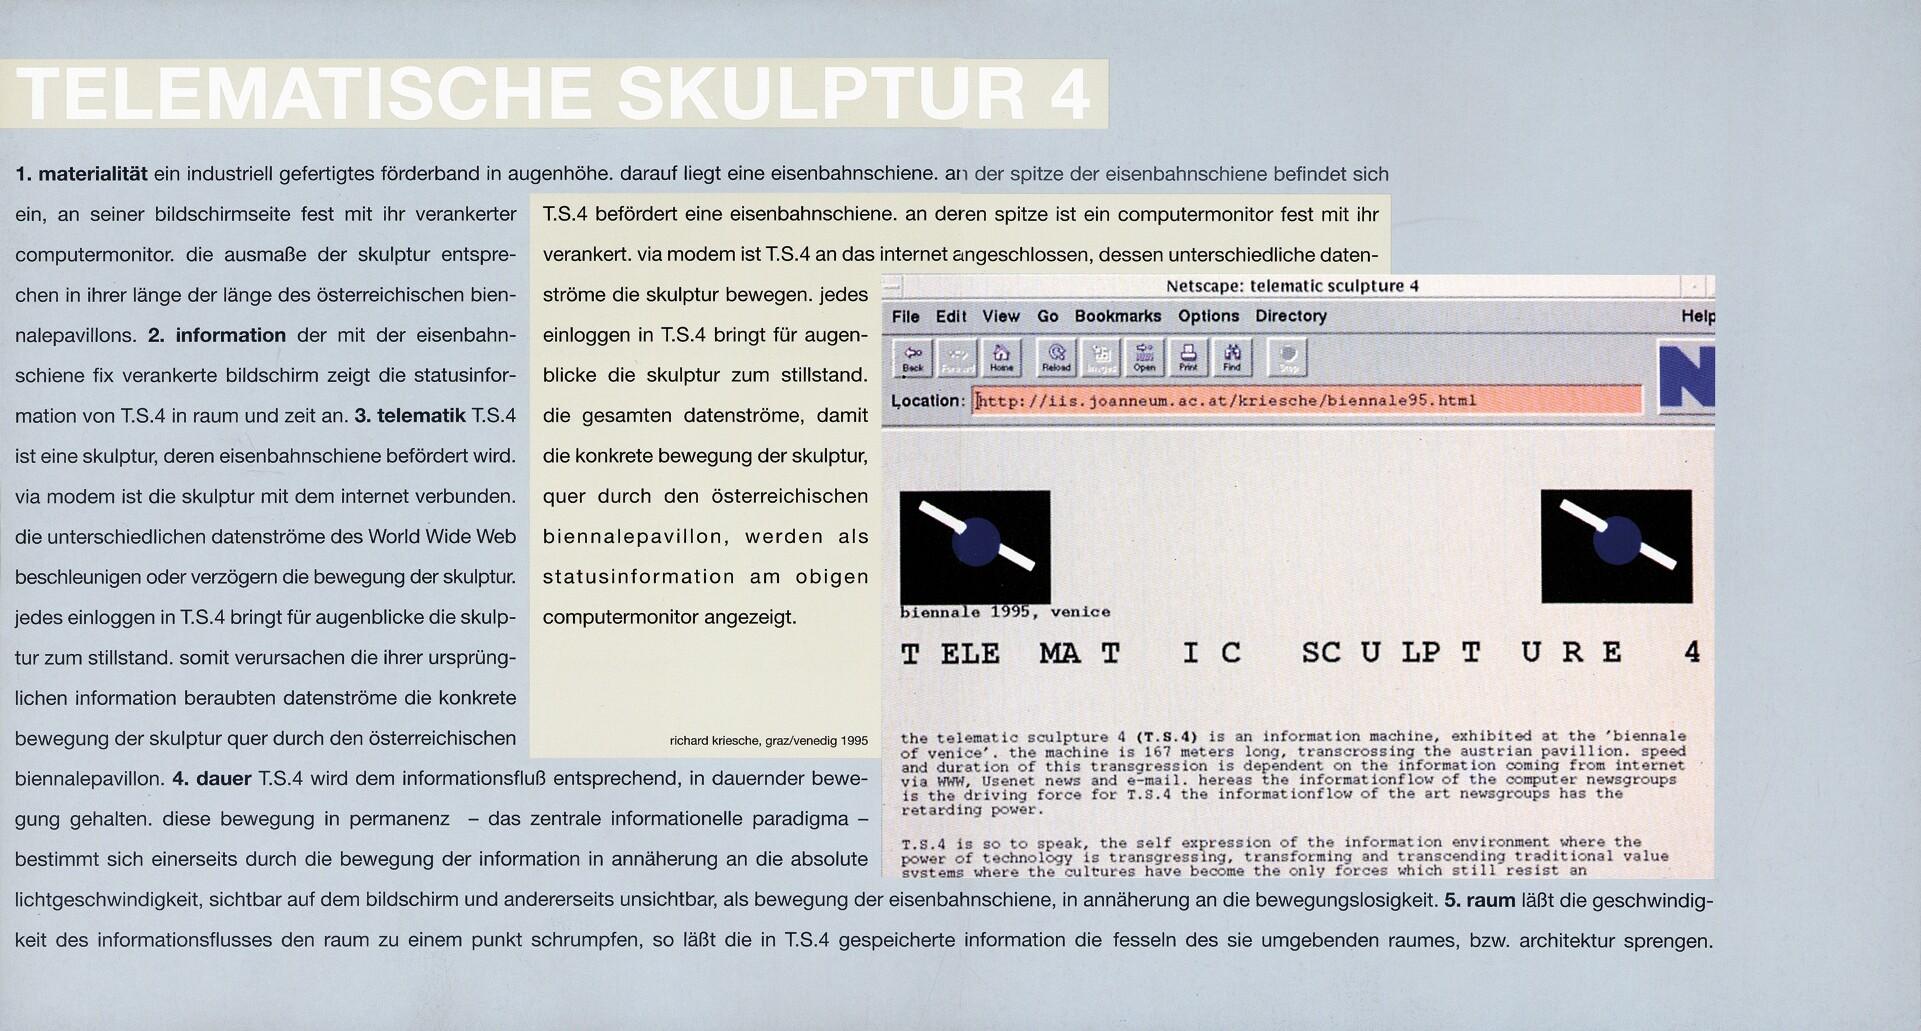 kriesche_48-08